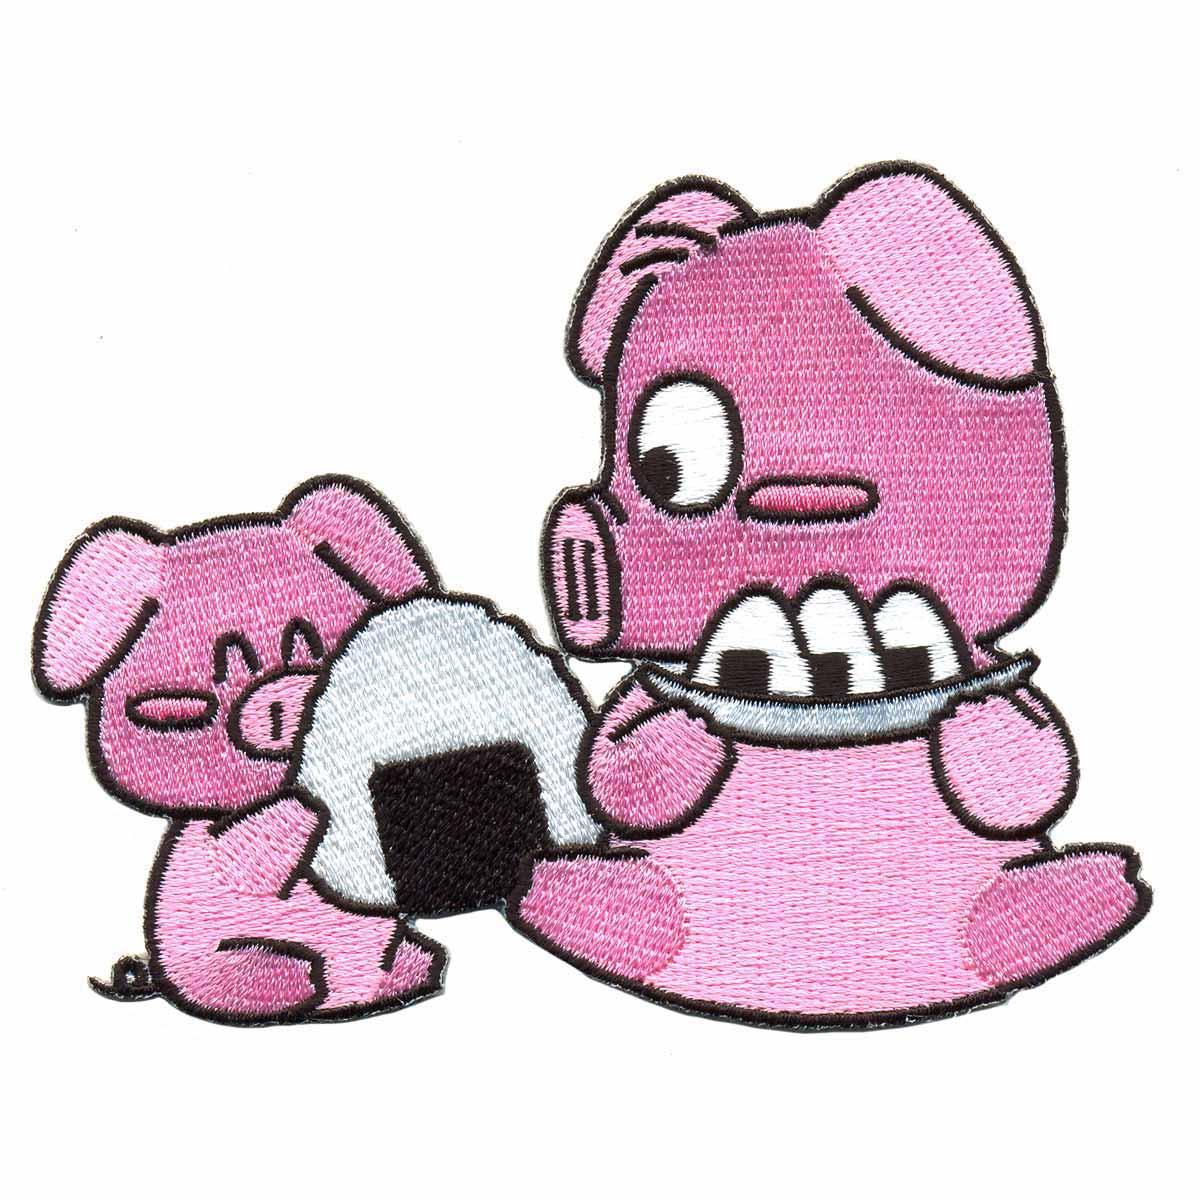 AD1055 Термоаппликация 'Две розовые свинки', 8*10 см, Hobby&Pro